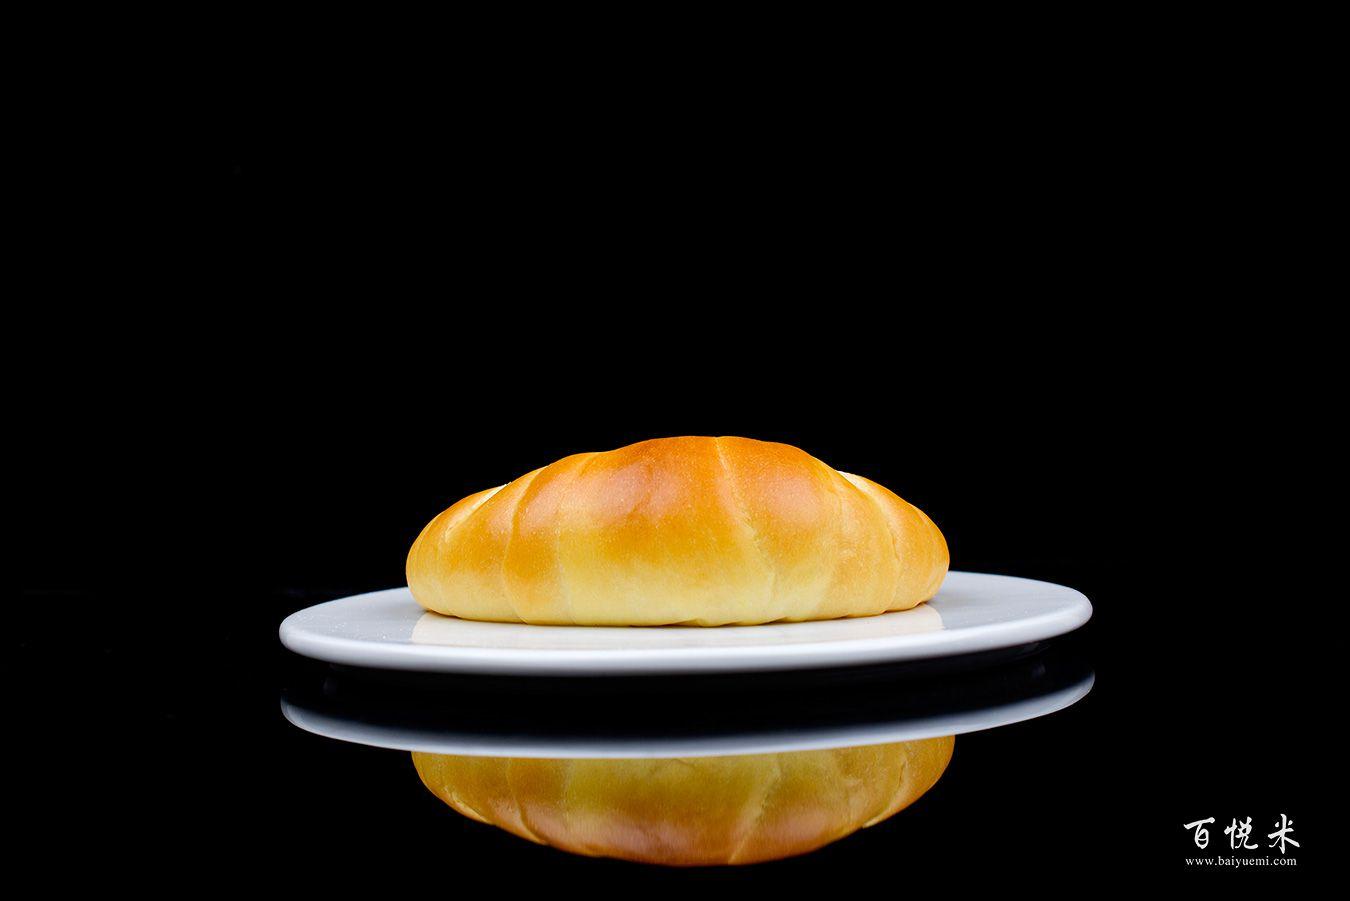 软牛角面包高清图片大全【蛋糕图片】_423